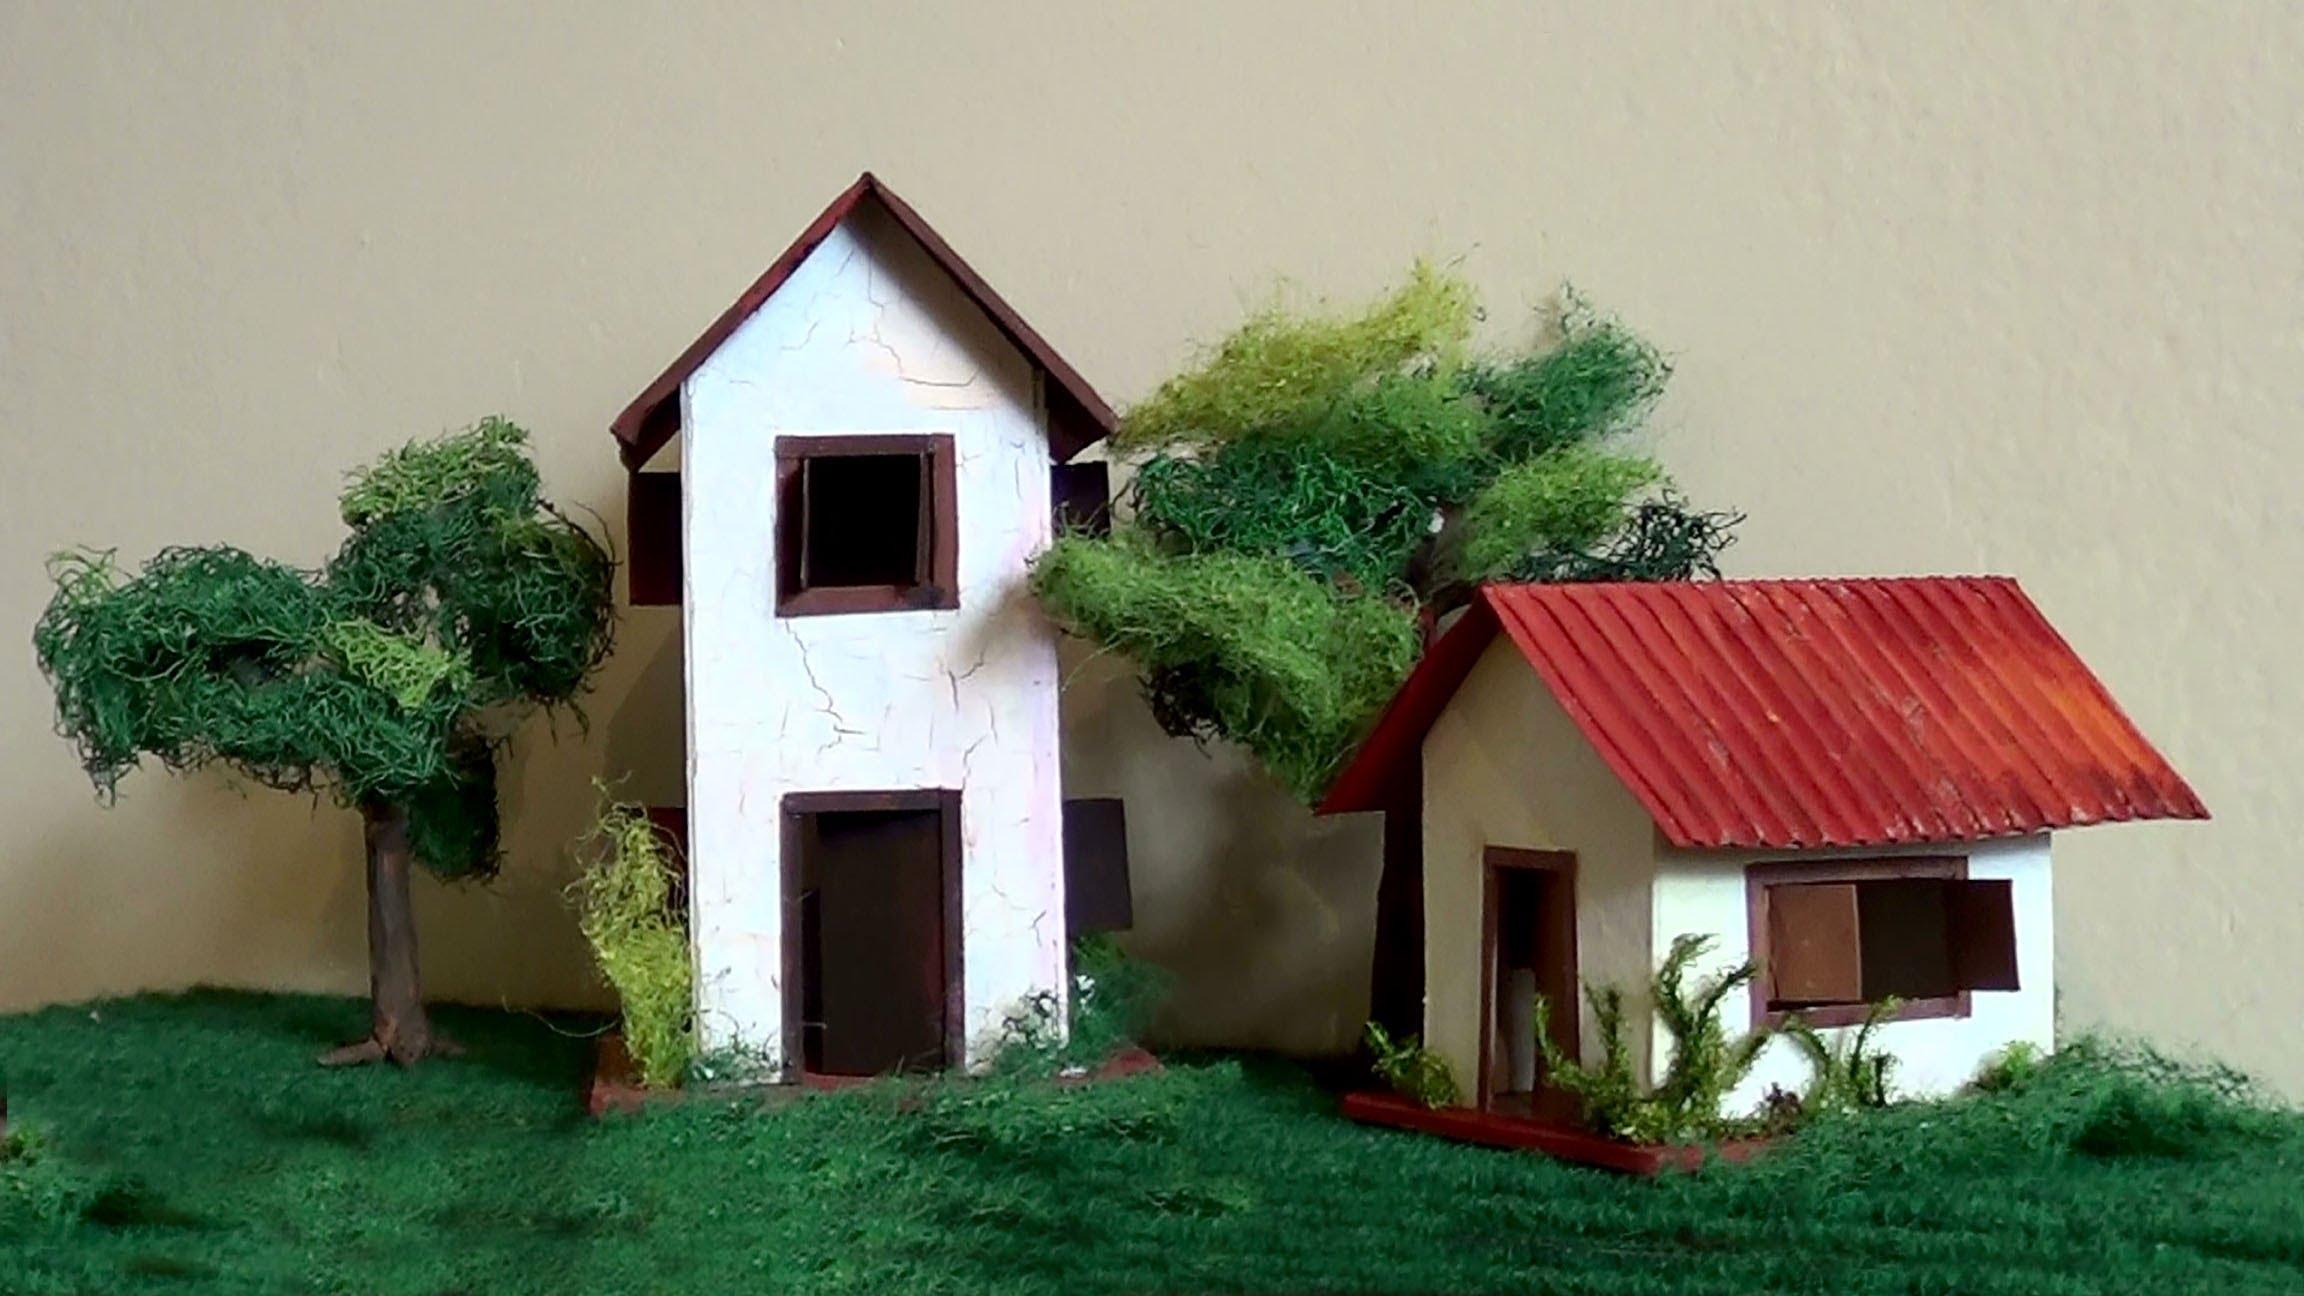 Cách làm mô hình nhà bằng giấy đơn giản